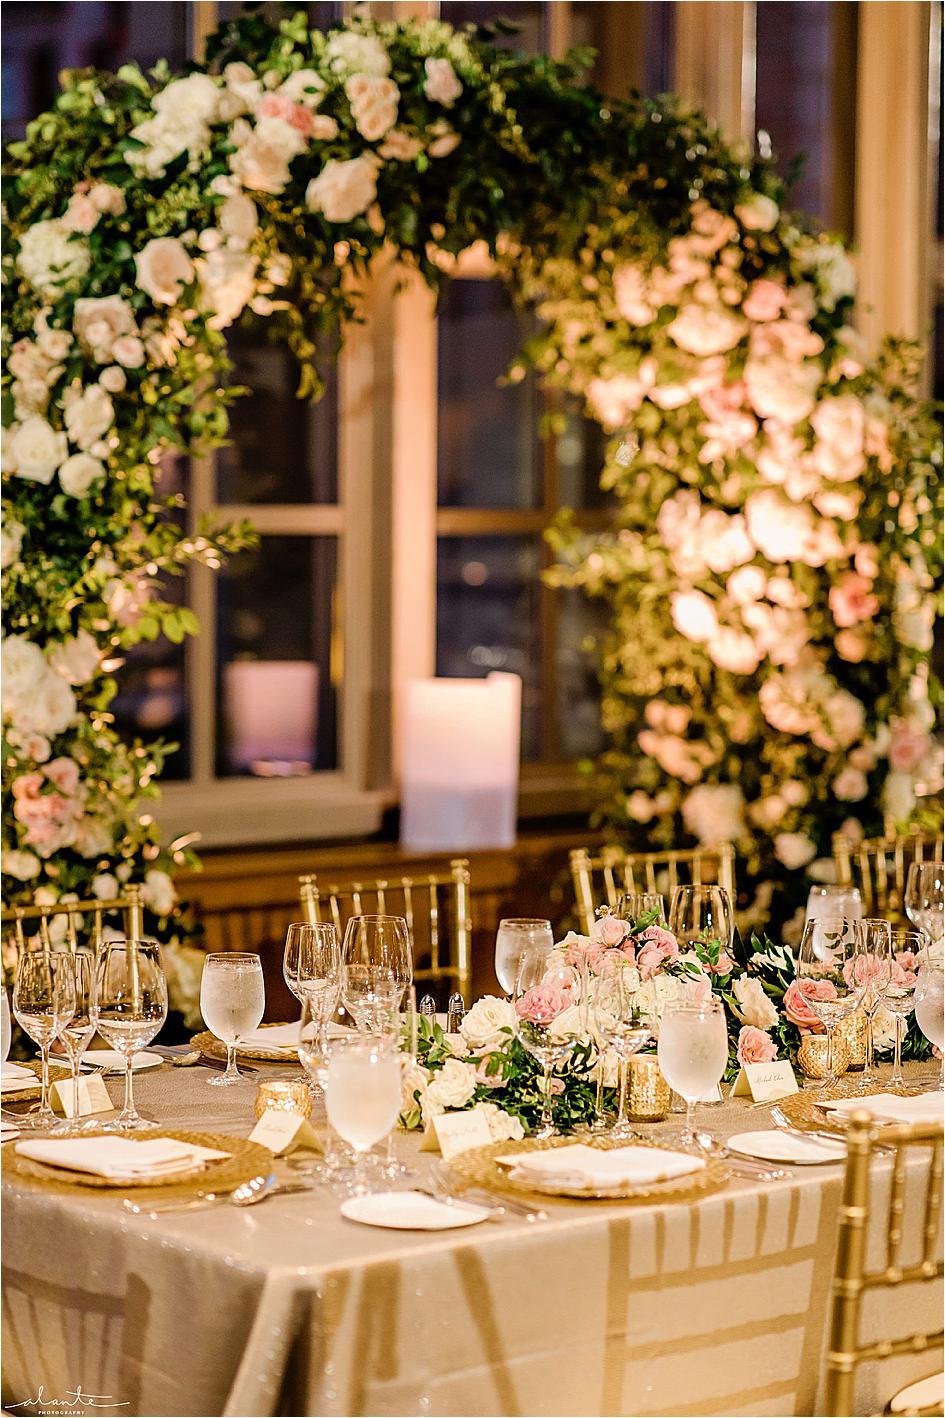 seattle bride magazine, seattle bride, seattle wedding photographer, wedding inspiration, washington wedding